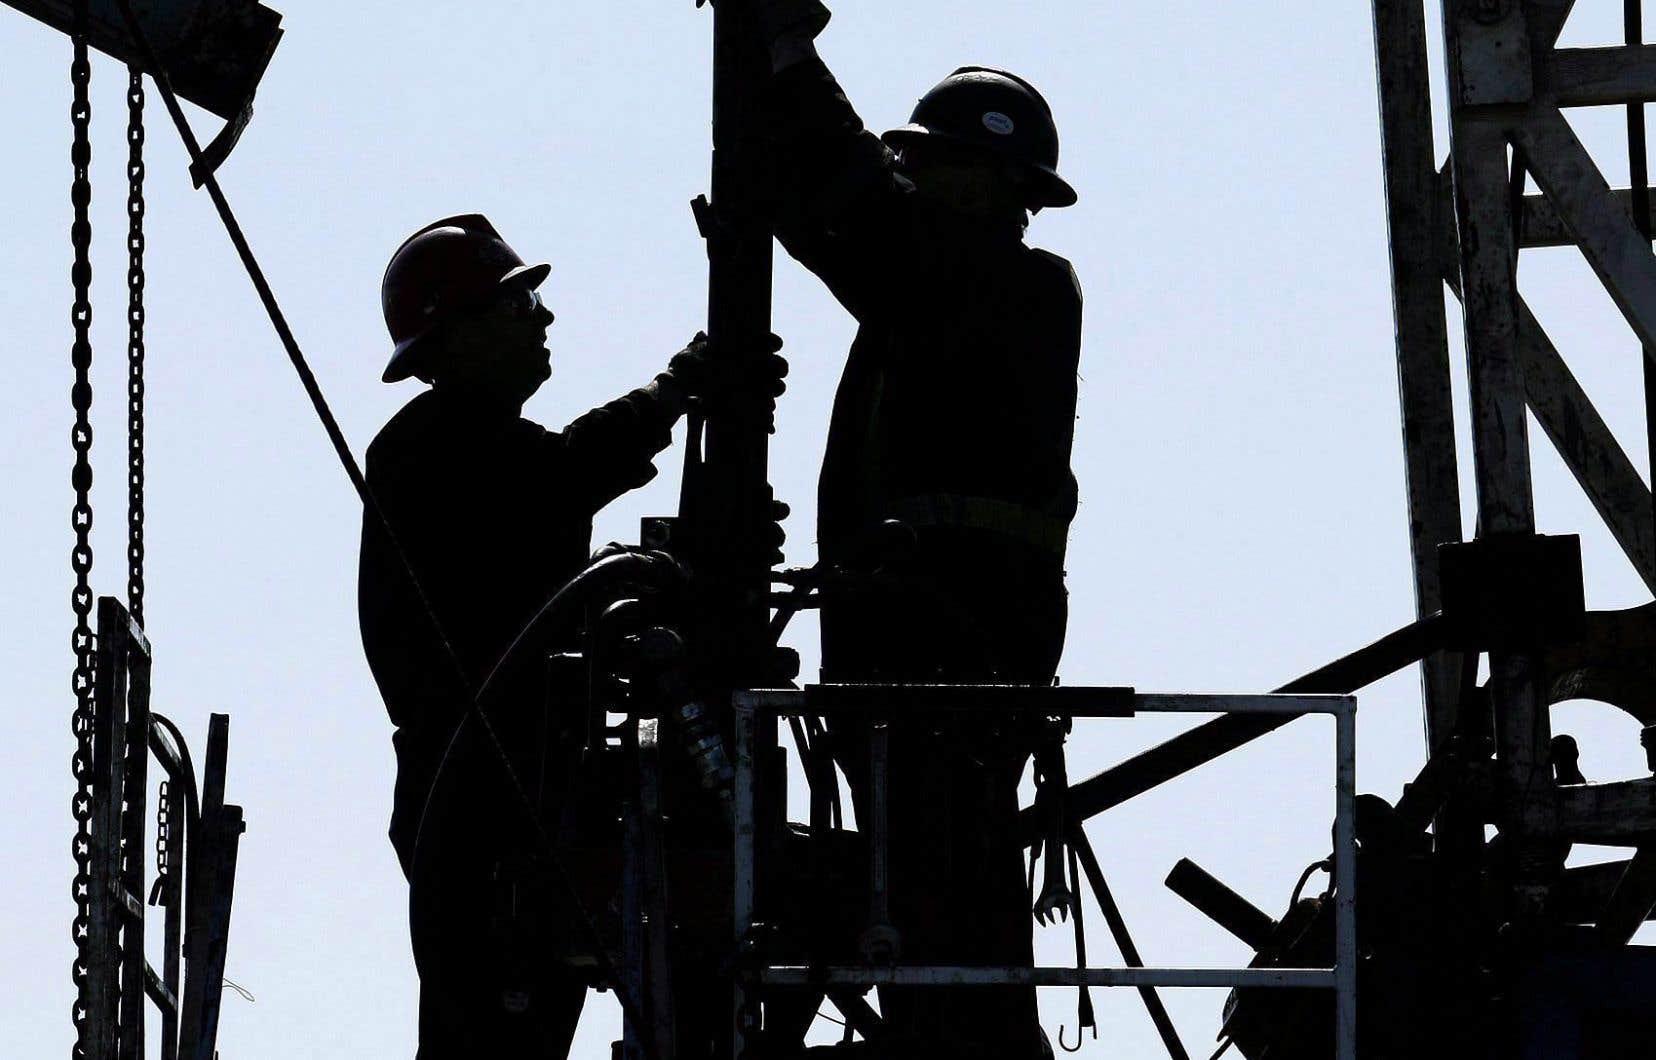 Le gouvernement a injecté au moins 27millions de dollars dans des entreprises qui ont tenté de développer, depuis 2012, des projets d'exploitation pétrolière qui n'ont encore jamais vu le jour.